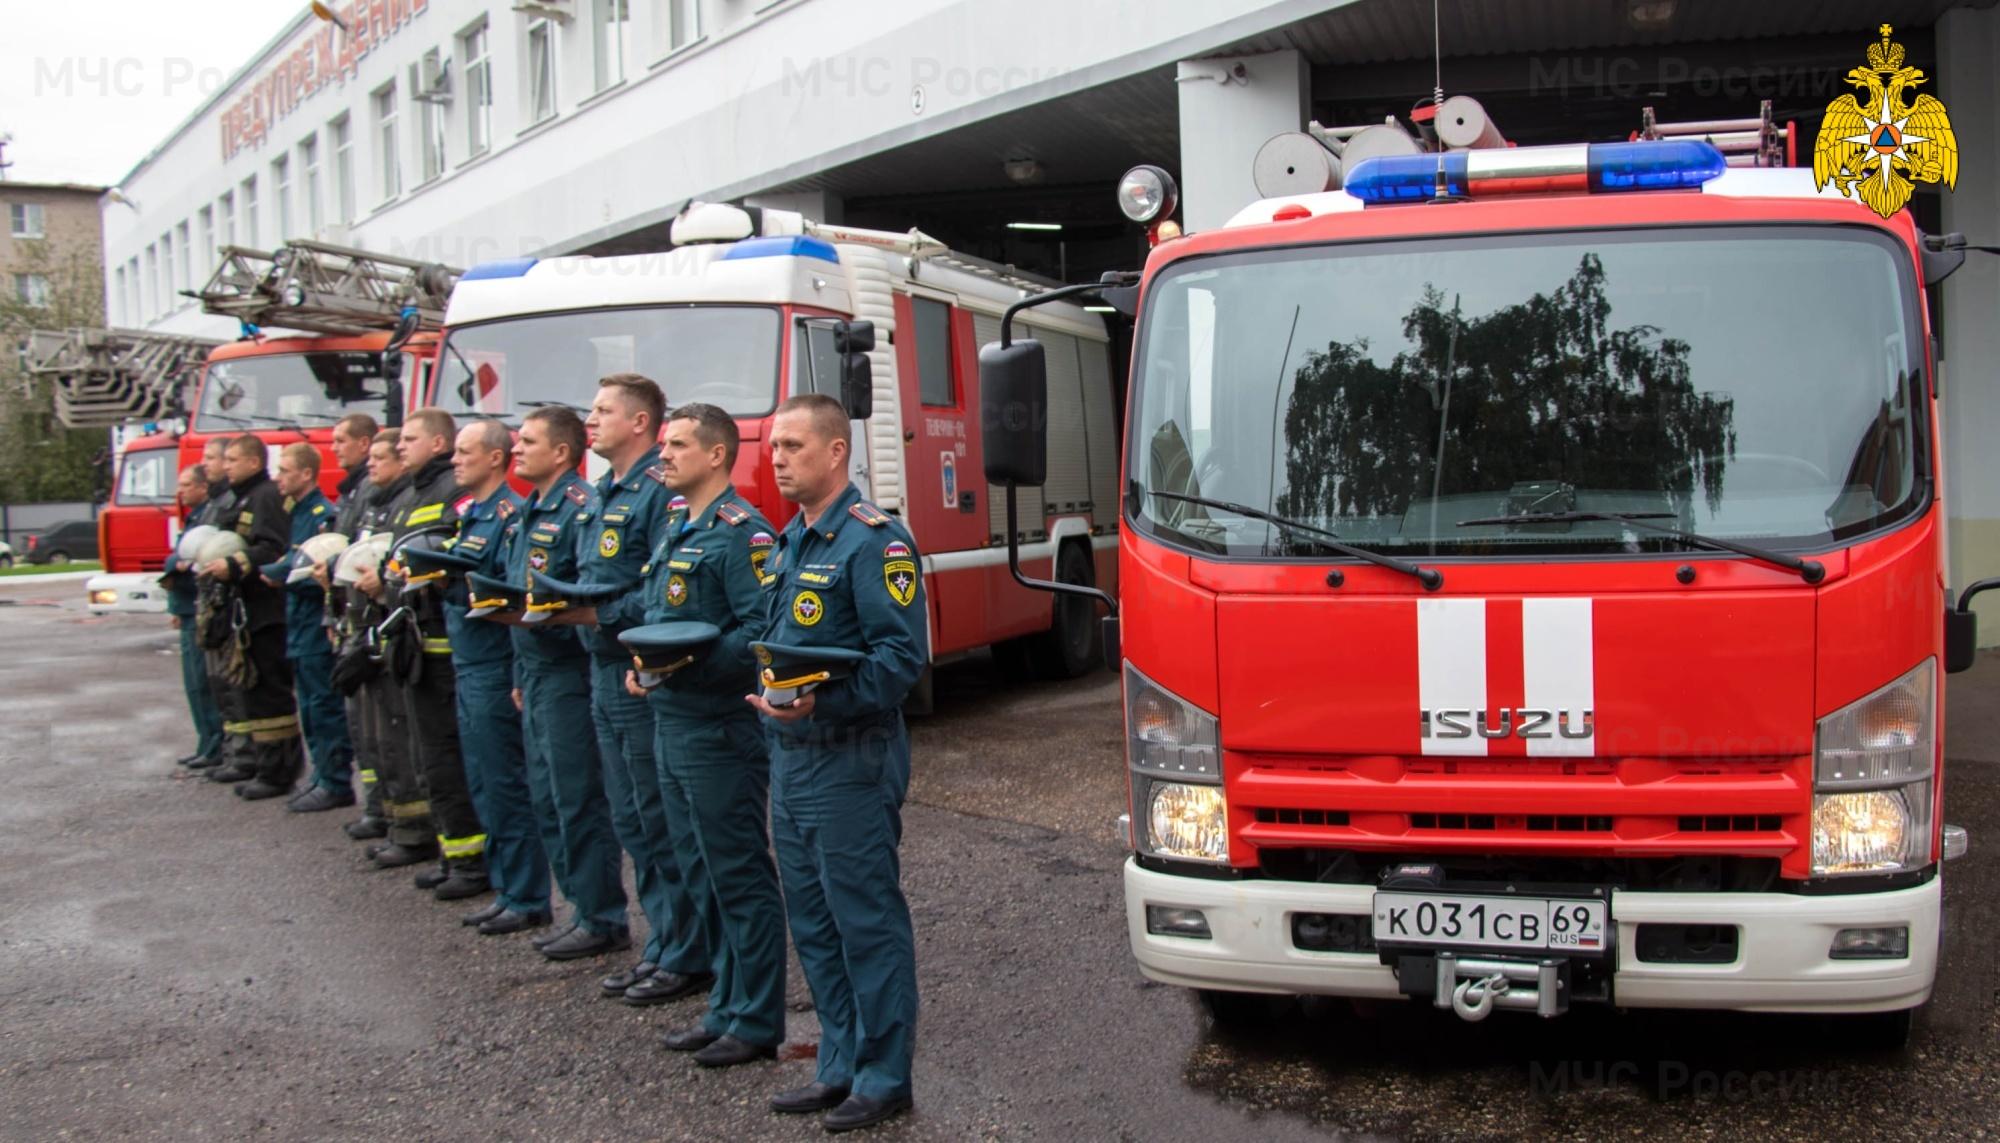 Спасатели Тверской области одновременно включили сирены в память о Евгении Зиничеве